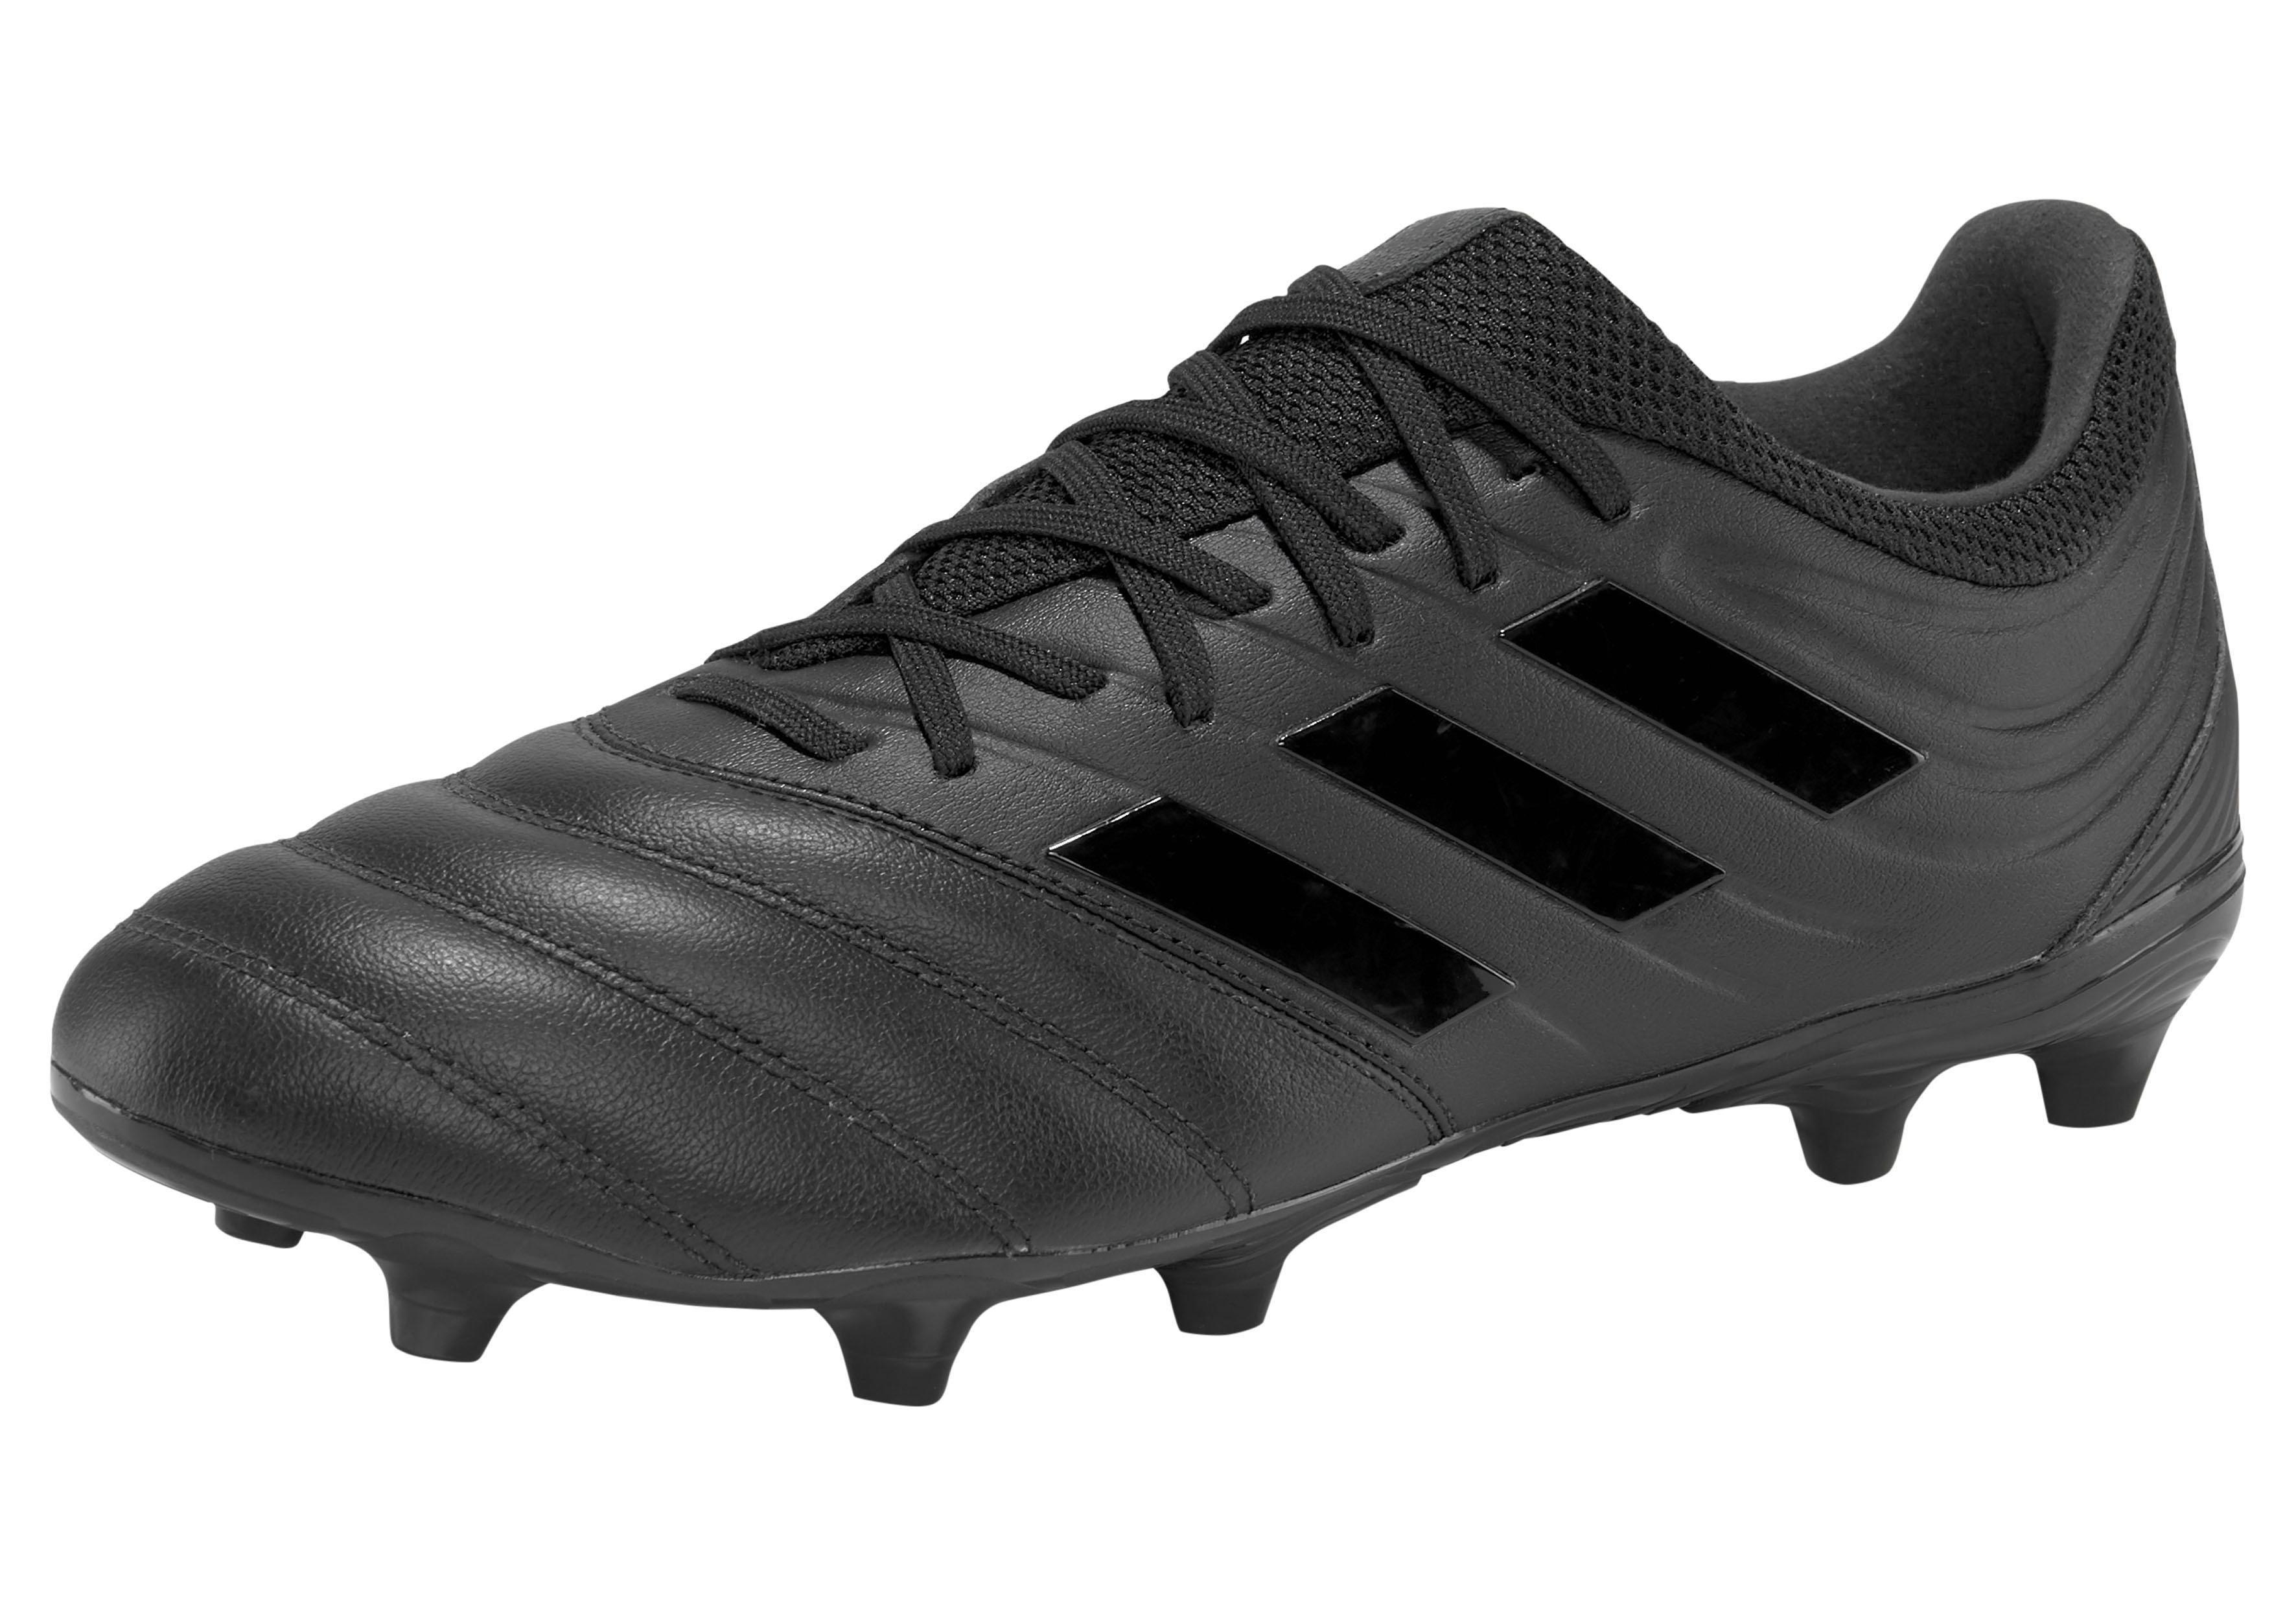 adidas Performance voetbalschoenen COPA 20.3 FG bestellen: 30 dagen bedenktijd